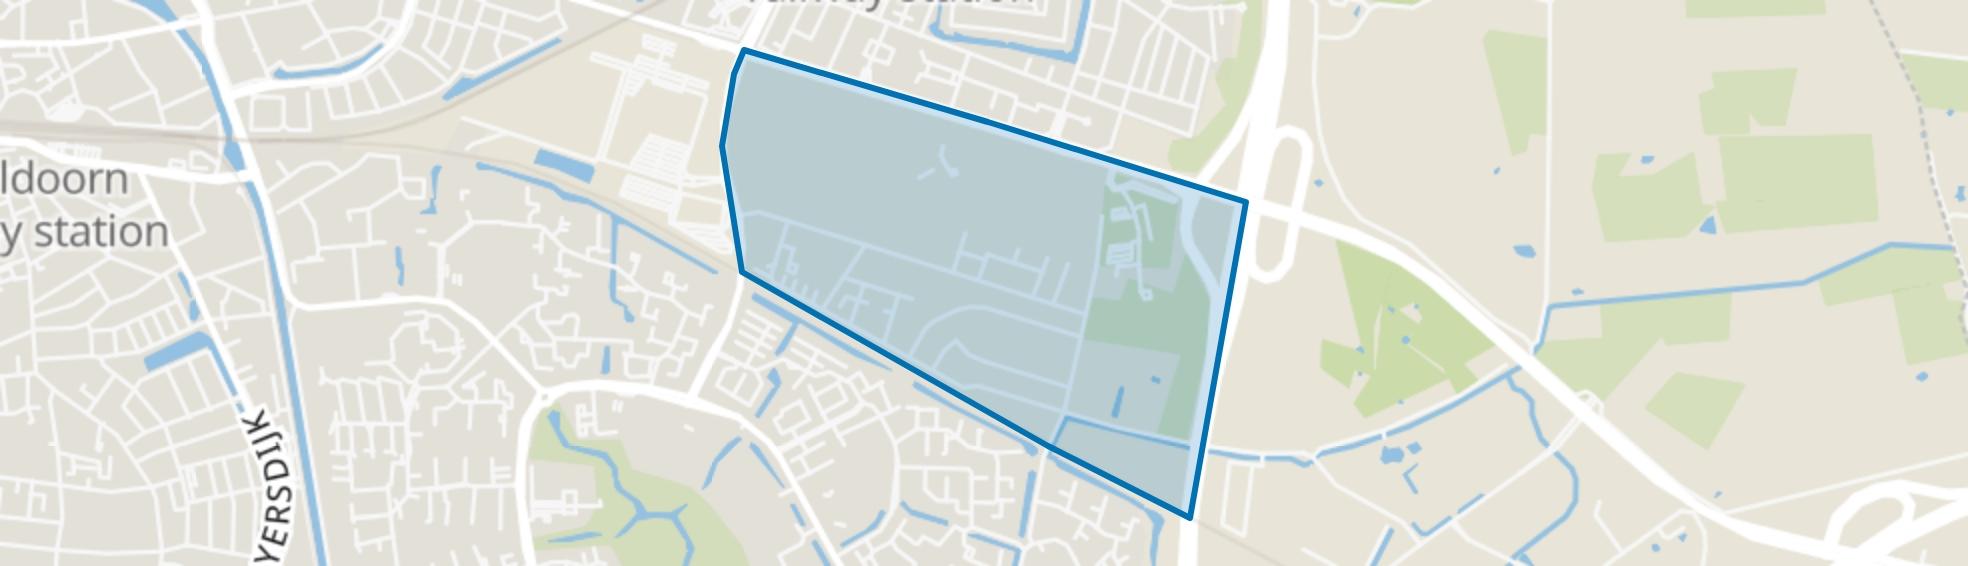 Groot Zonnehoeve, Apeldoorn map